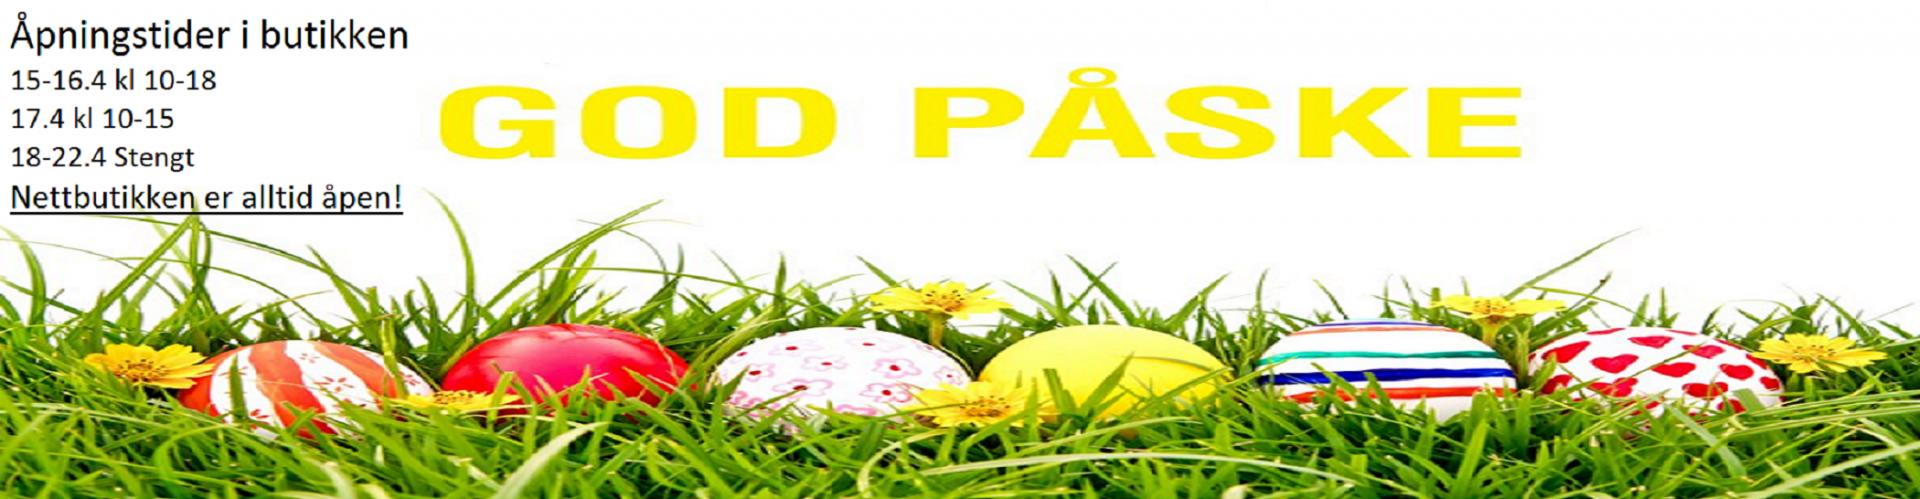 åpning påsken stor